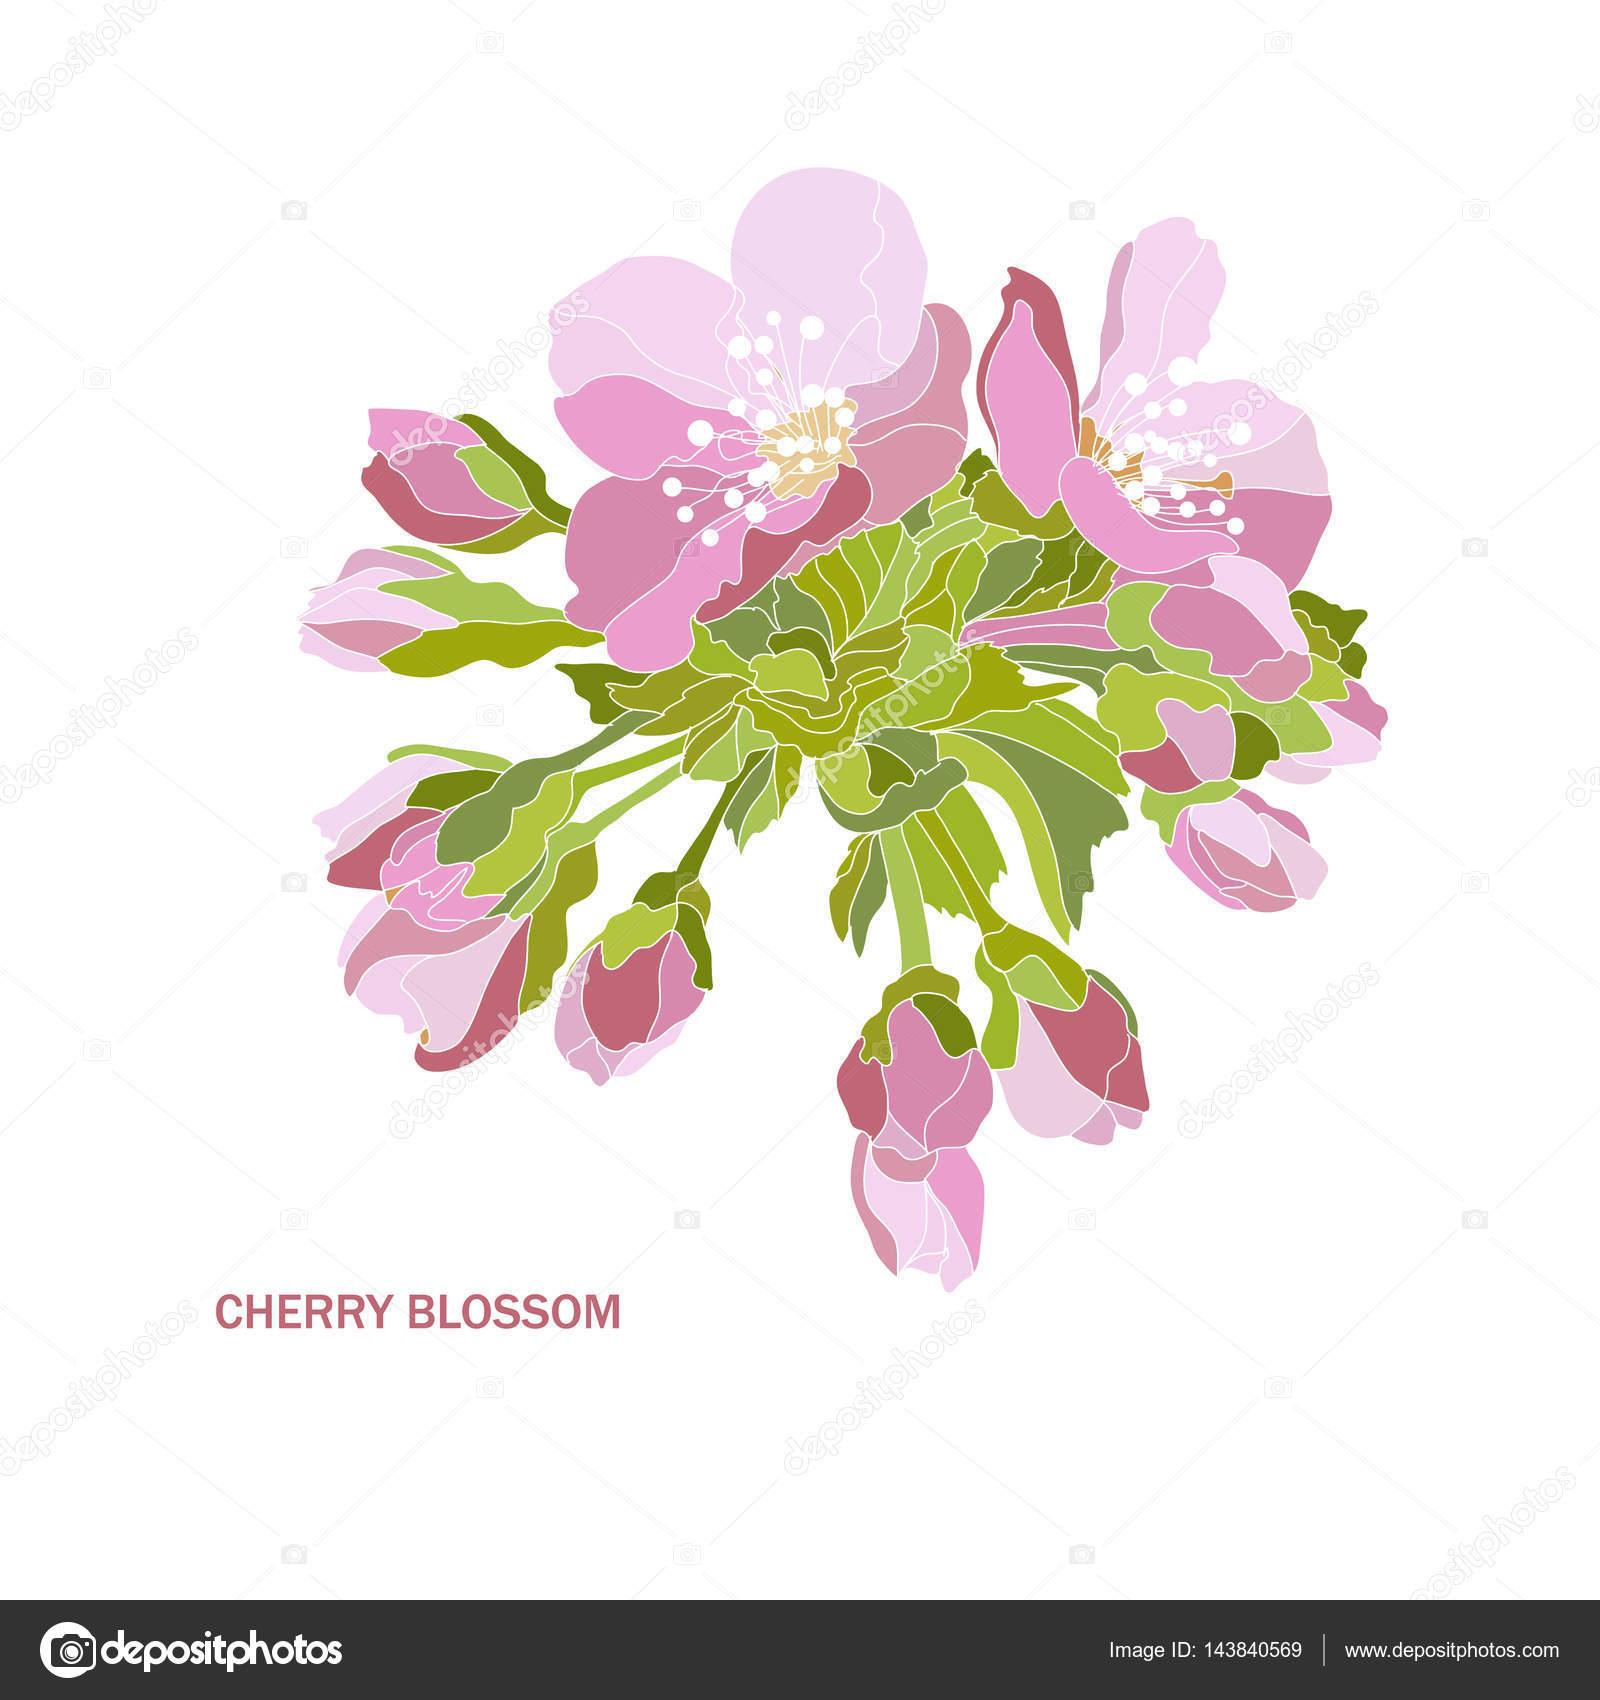 Ozdobny Kwiat Wiśni Grafika Wektorowa Chantall 143840569